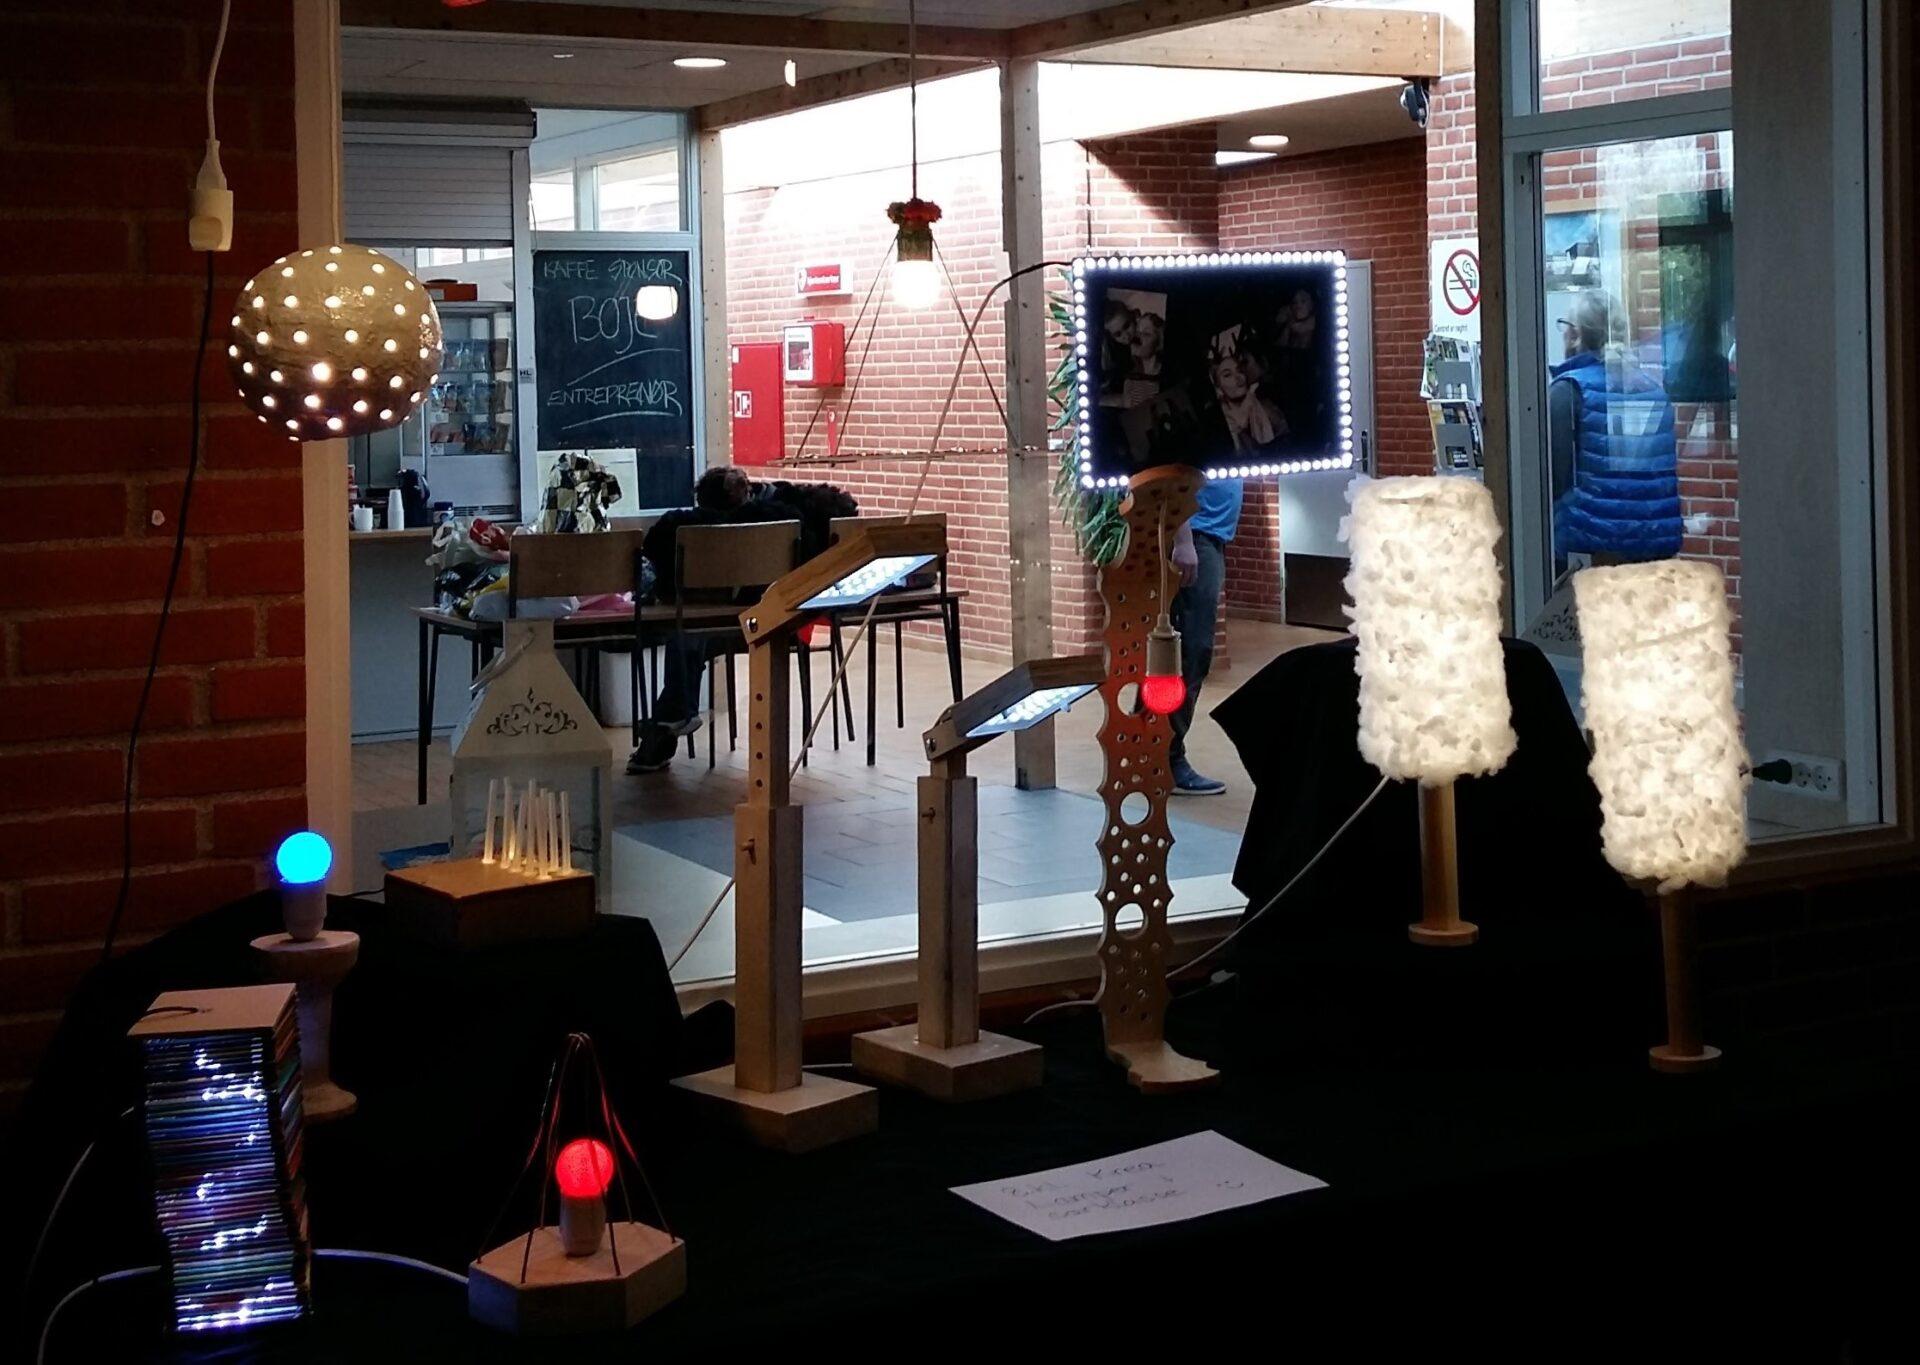 Udstilling af lamper, som kan styres på forskellig vis ved hjælp af lyd, bevægelse mv.